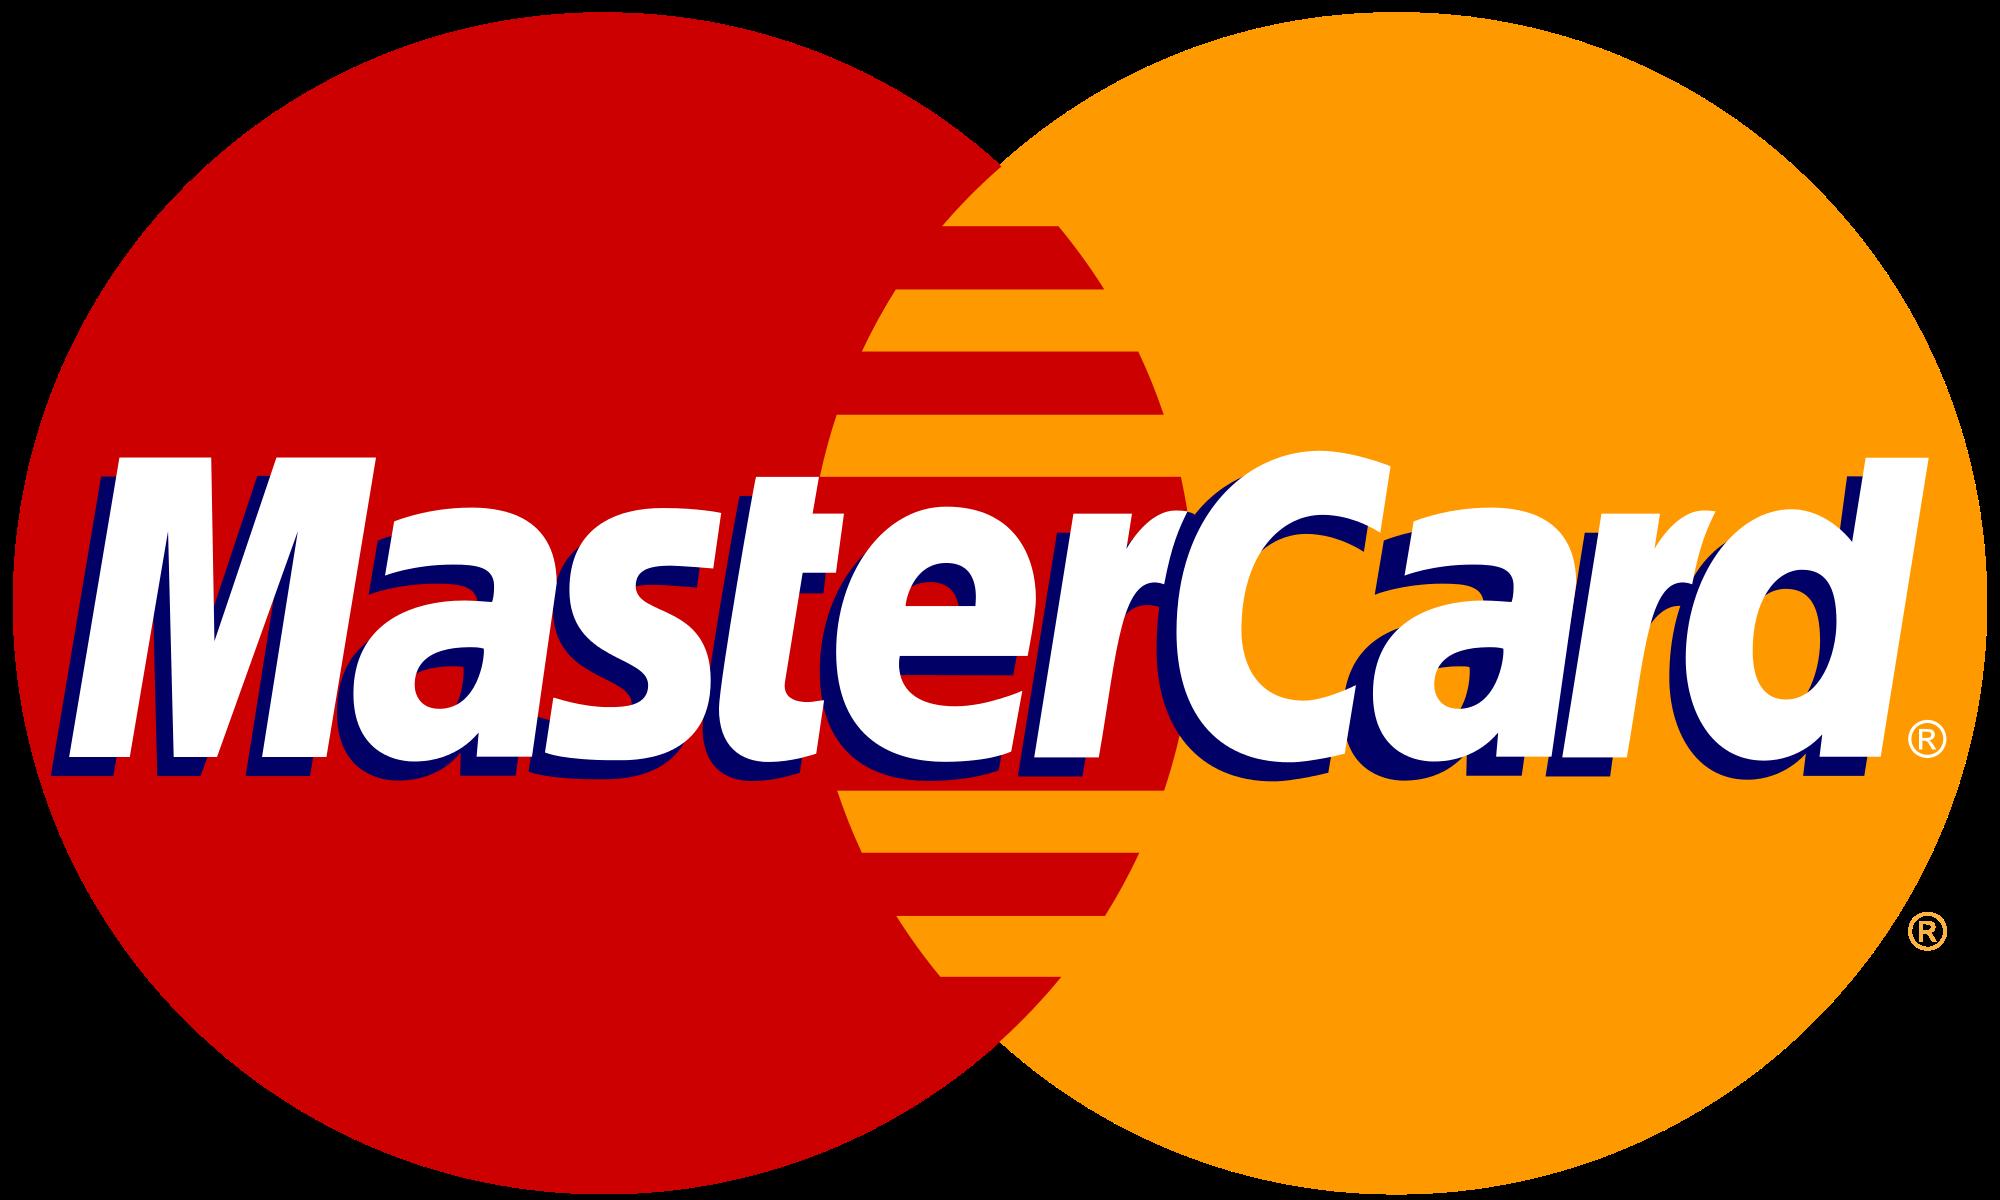 payment-logos-mastercard.png